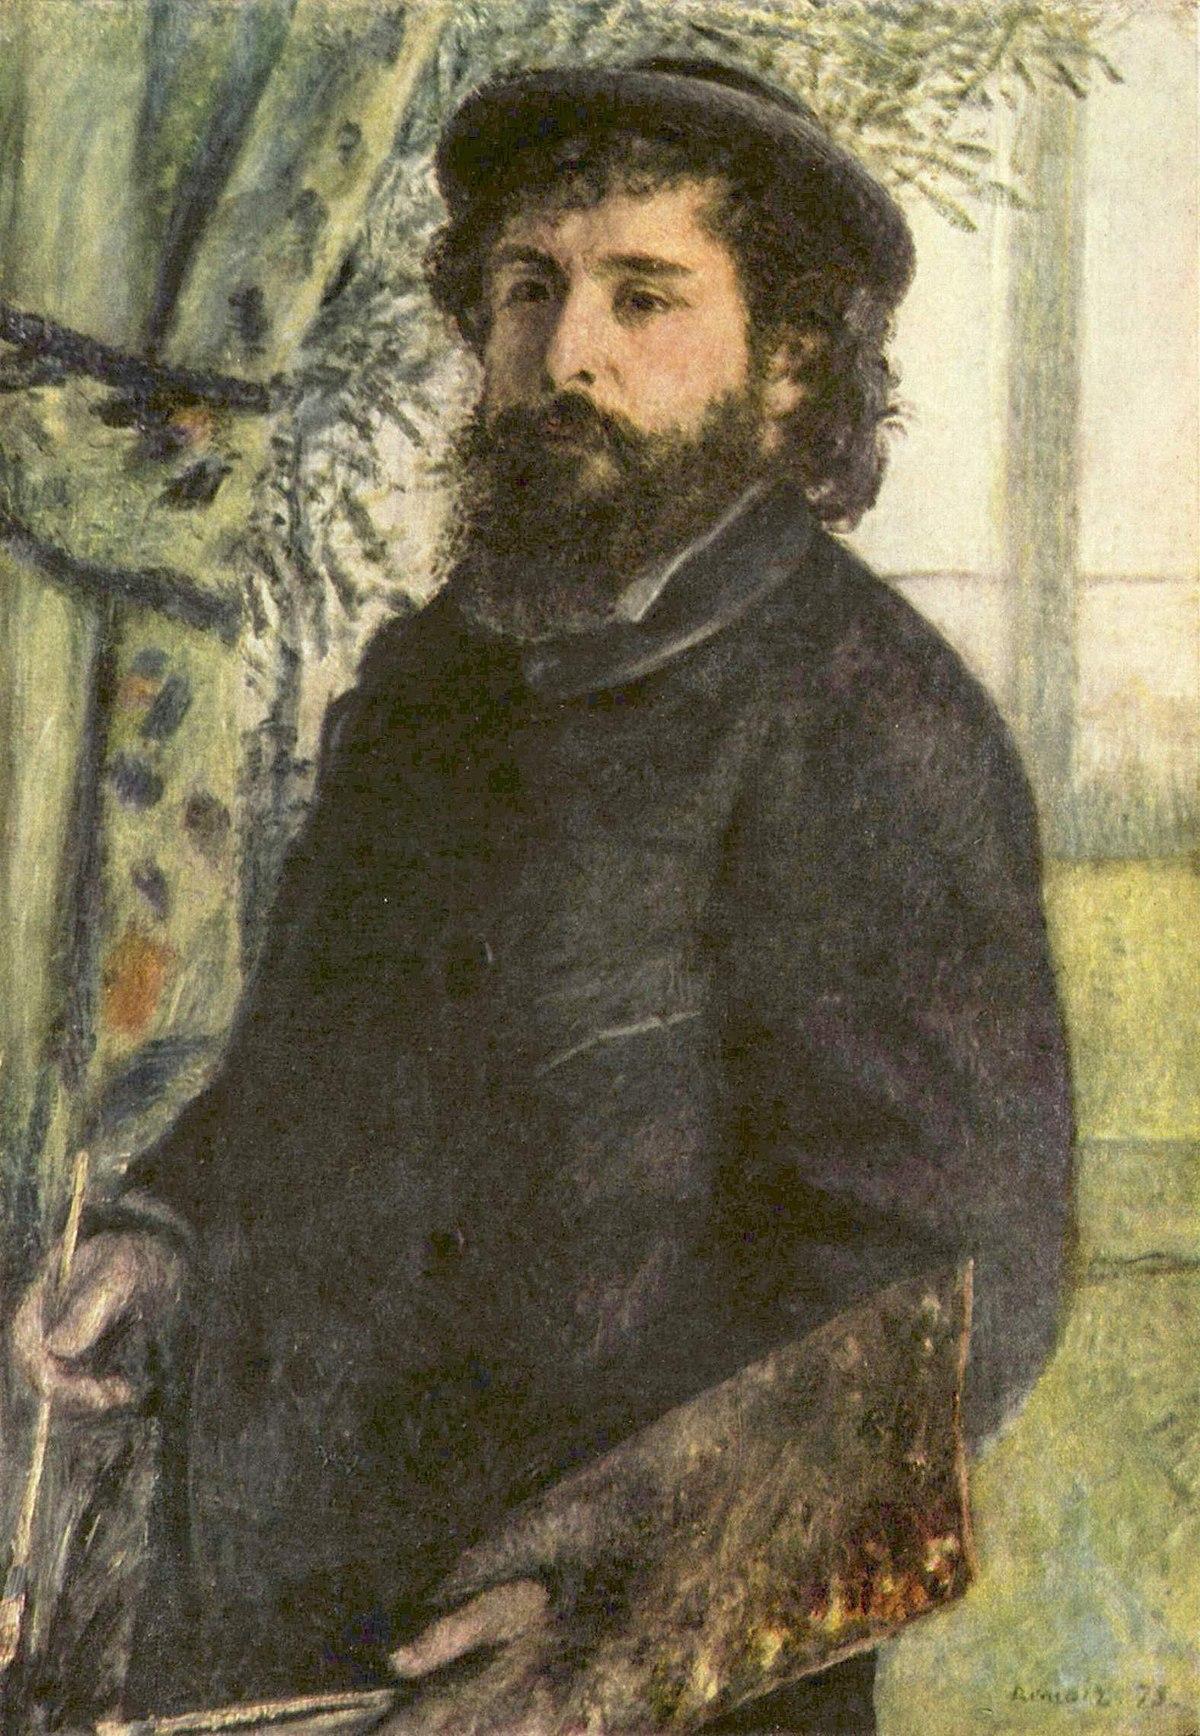 Ritratto di Claude Monet - Wikipedia